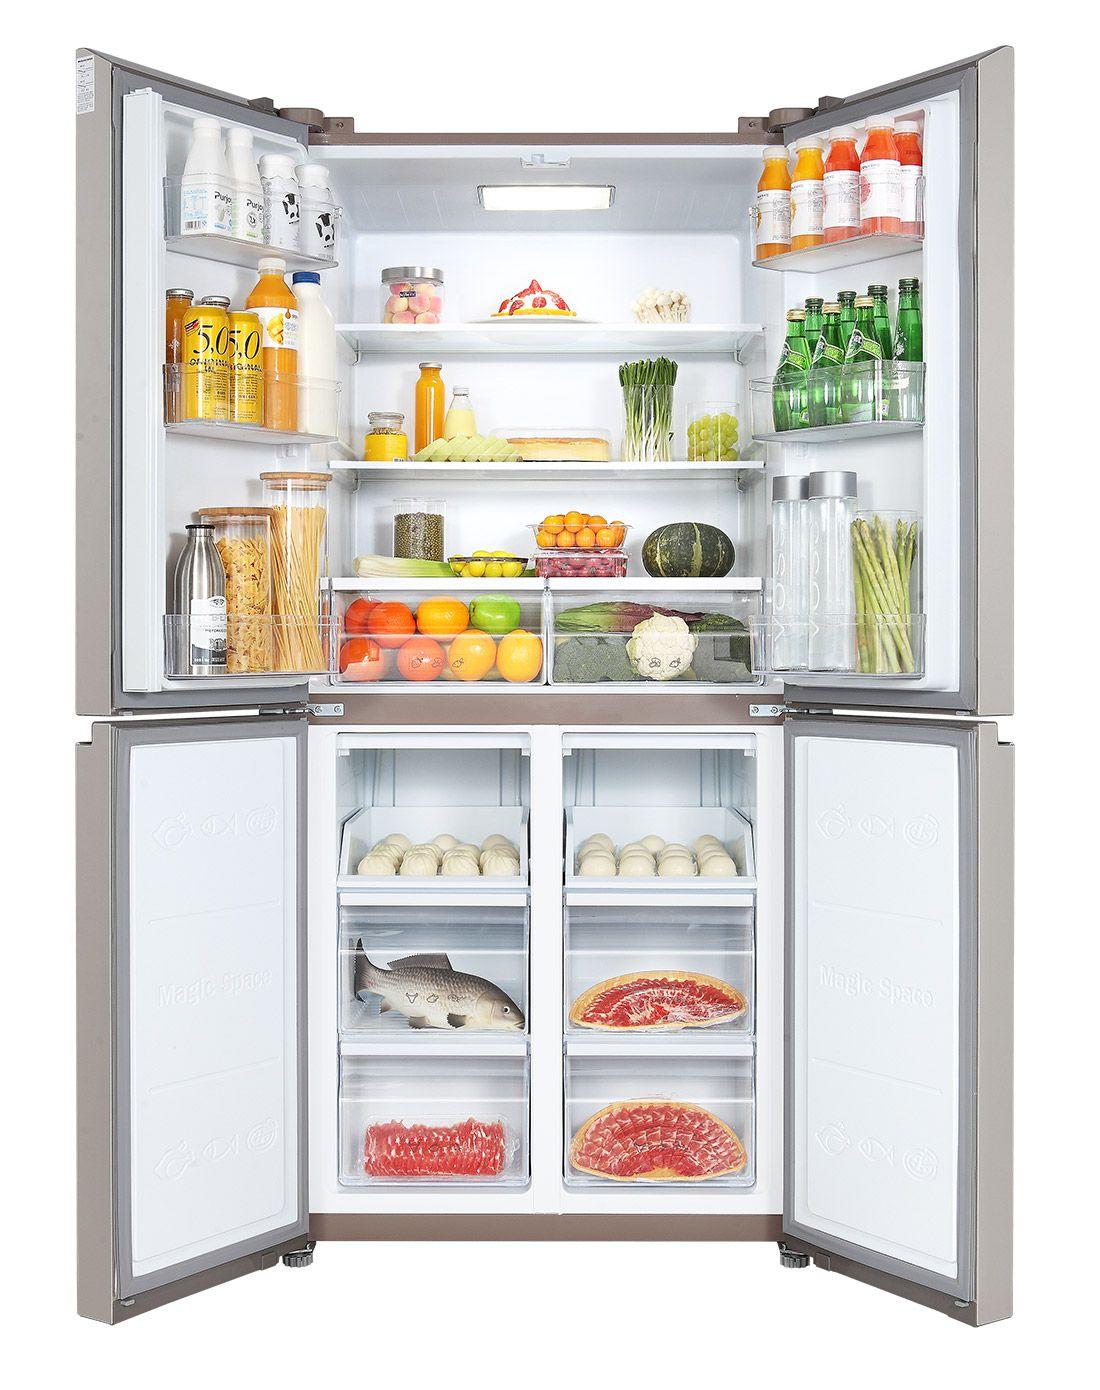 冰箱行业,没有创新就没有出路